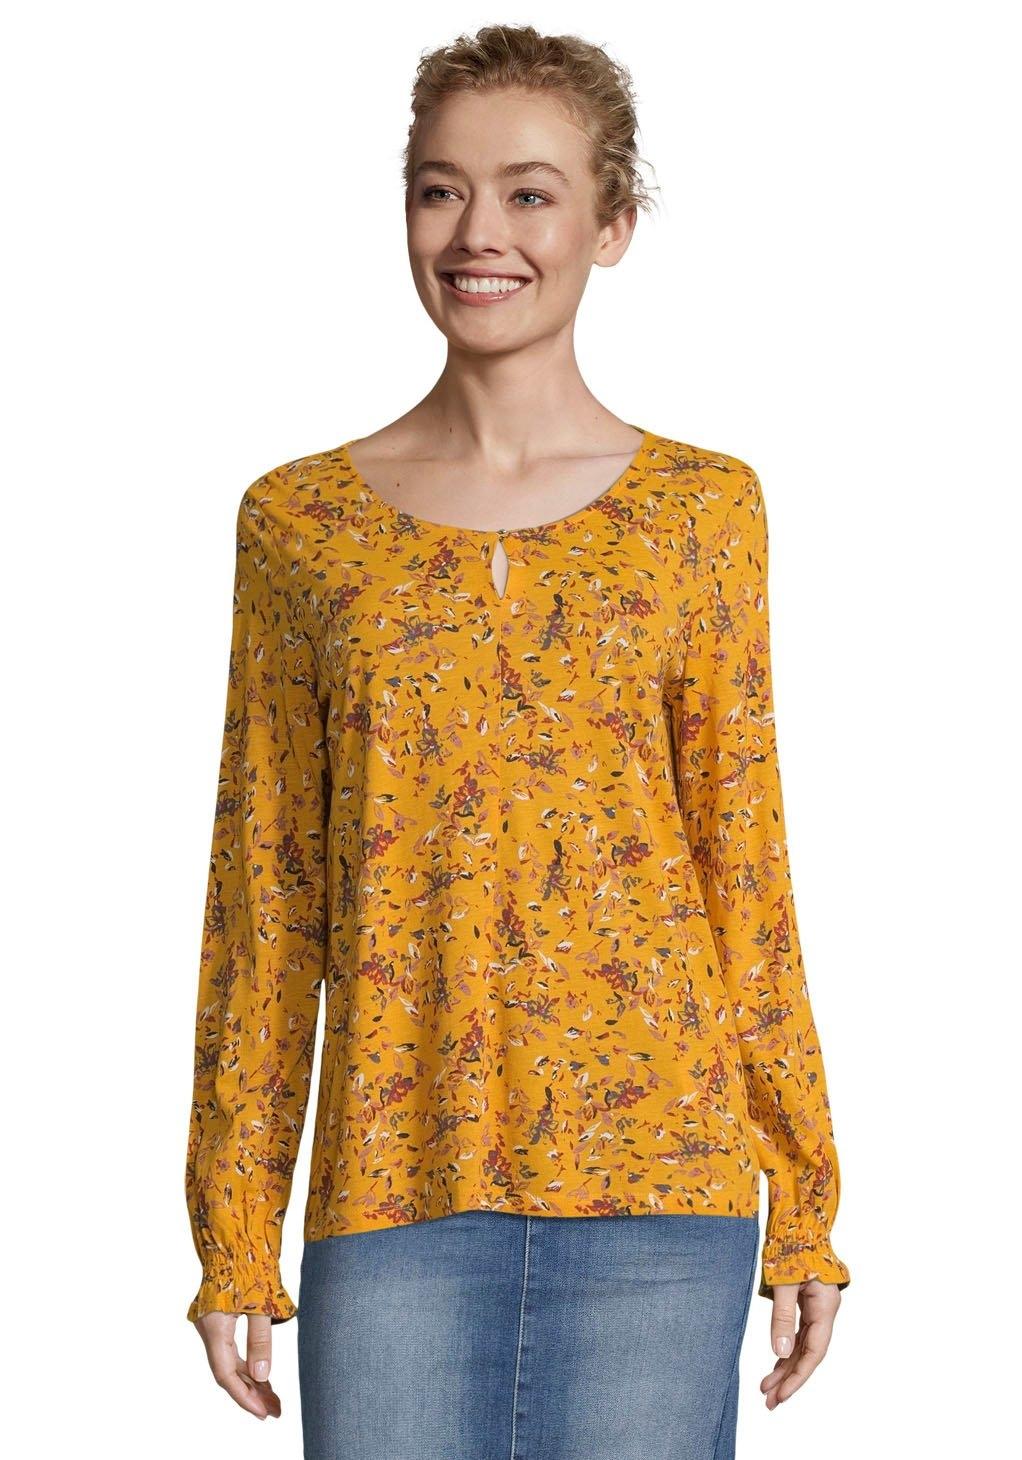 Tom Tailor shirtblouse met prachtige, romantische bloemenprint all-over - gratis ruilen op otto.nl